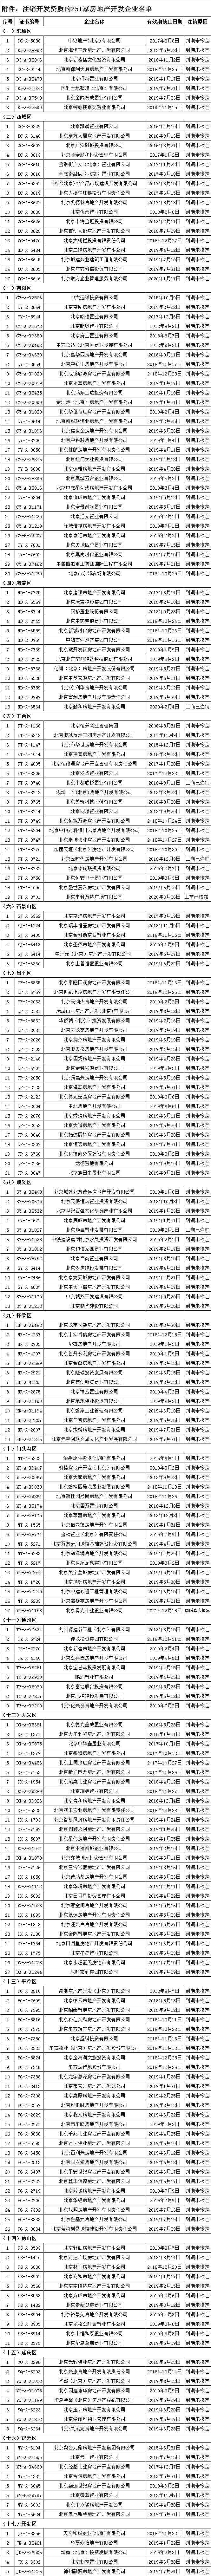 北京注销251家房企开发资质 包括中粮地产(北京)等公司